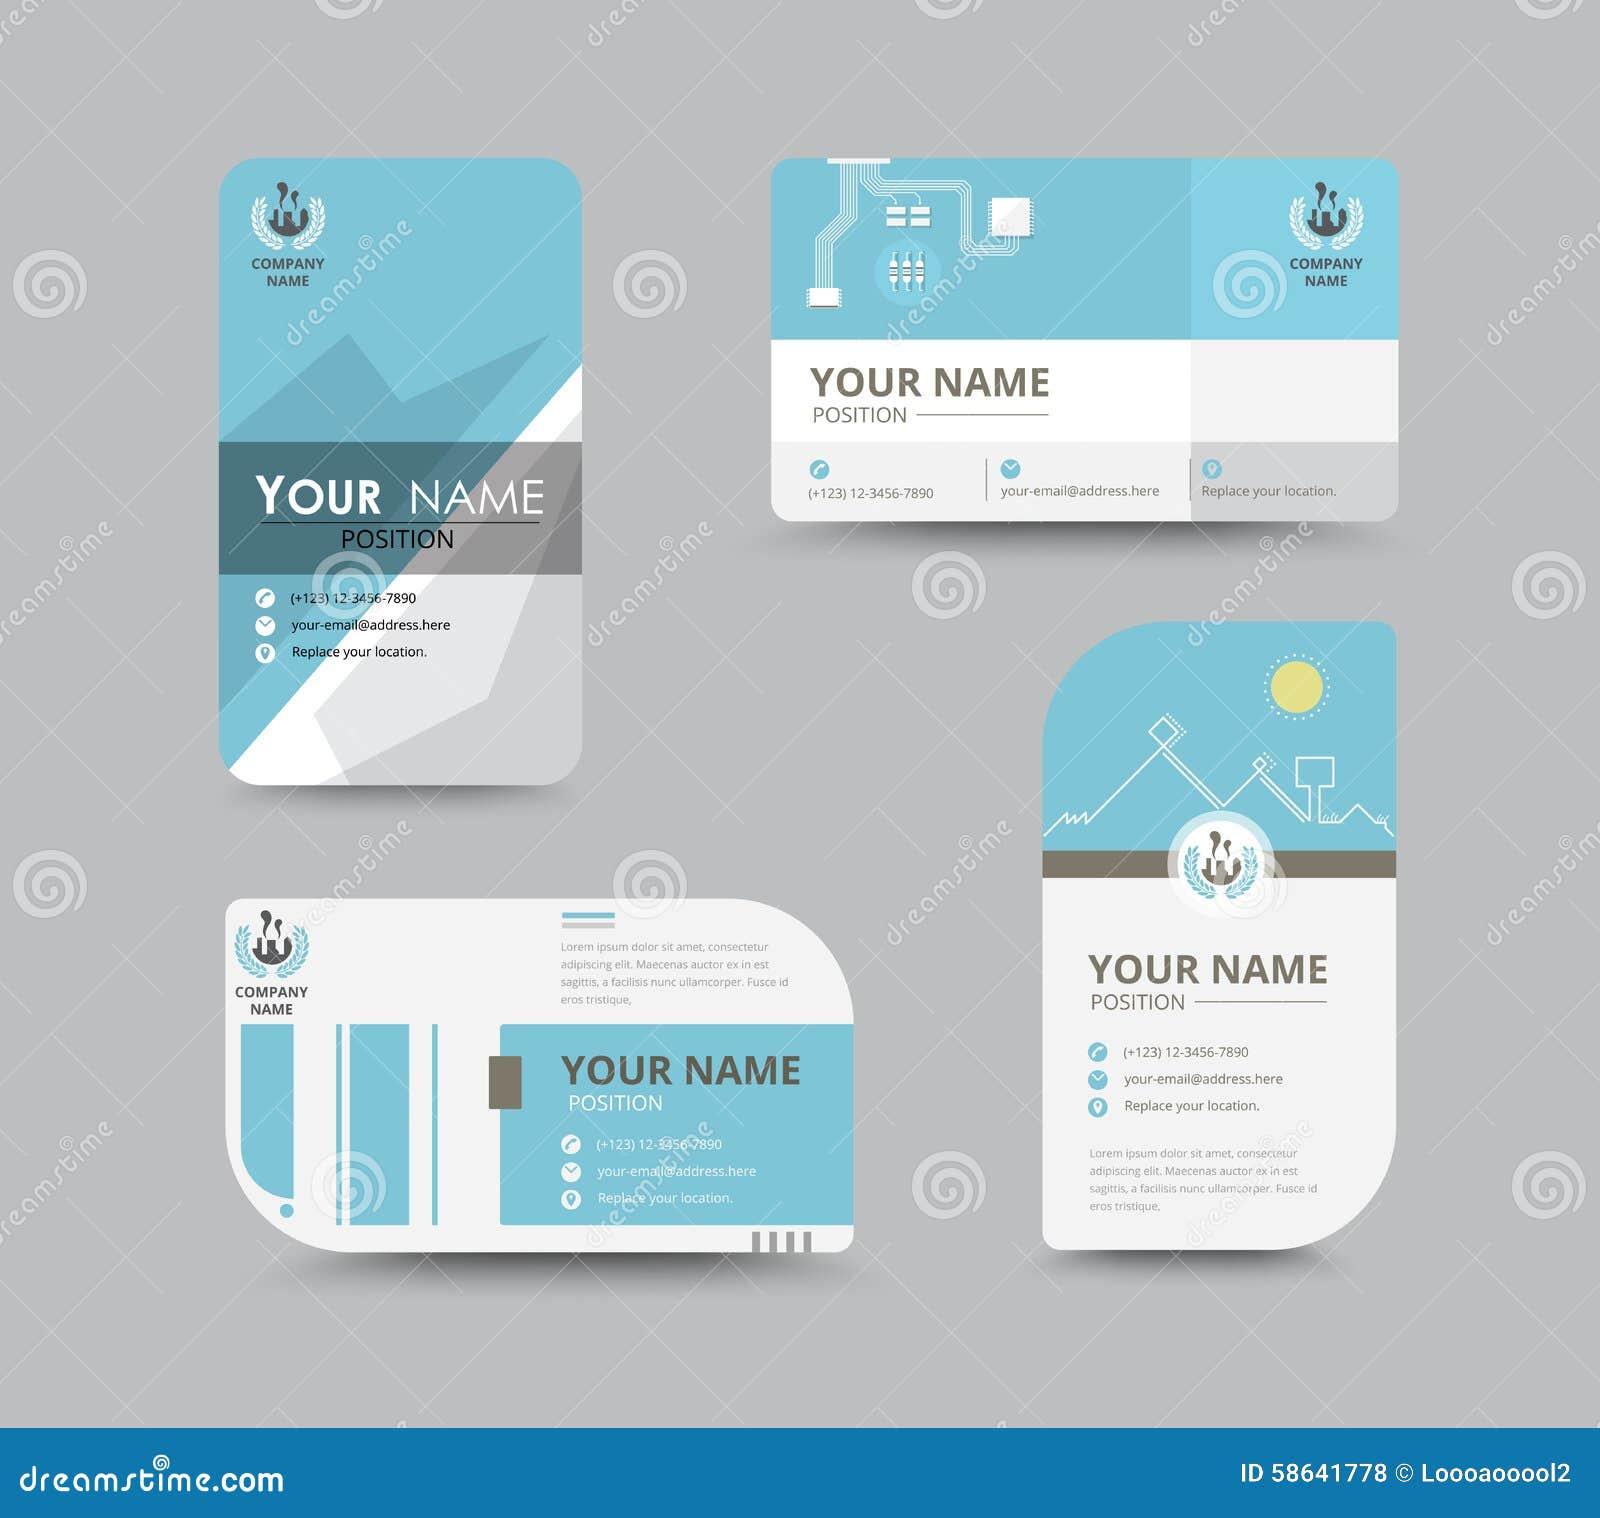 Credit Card Design Samples